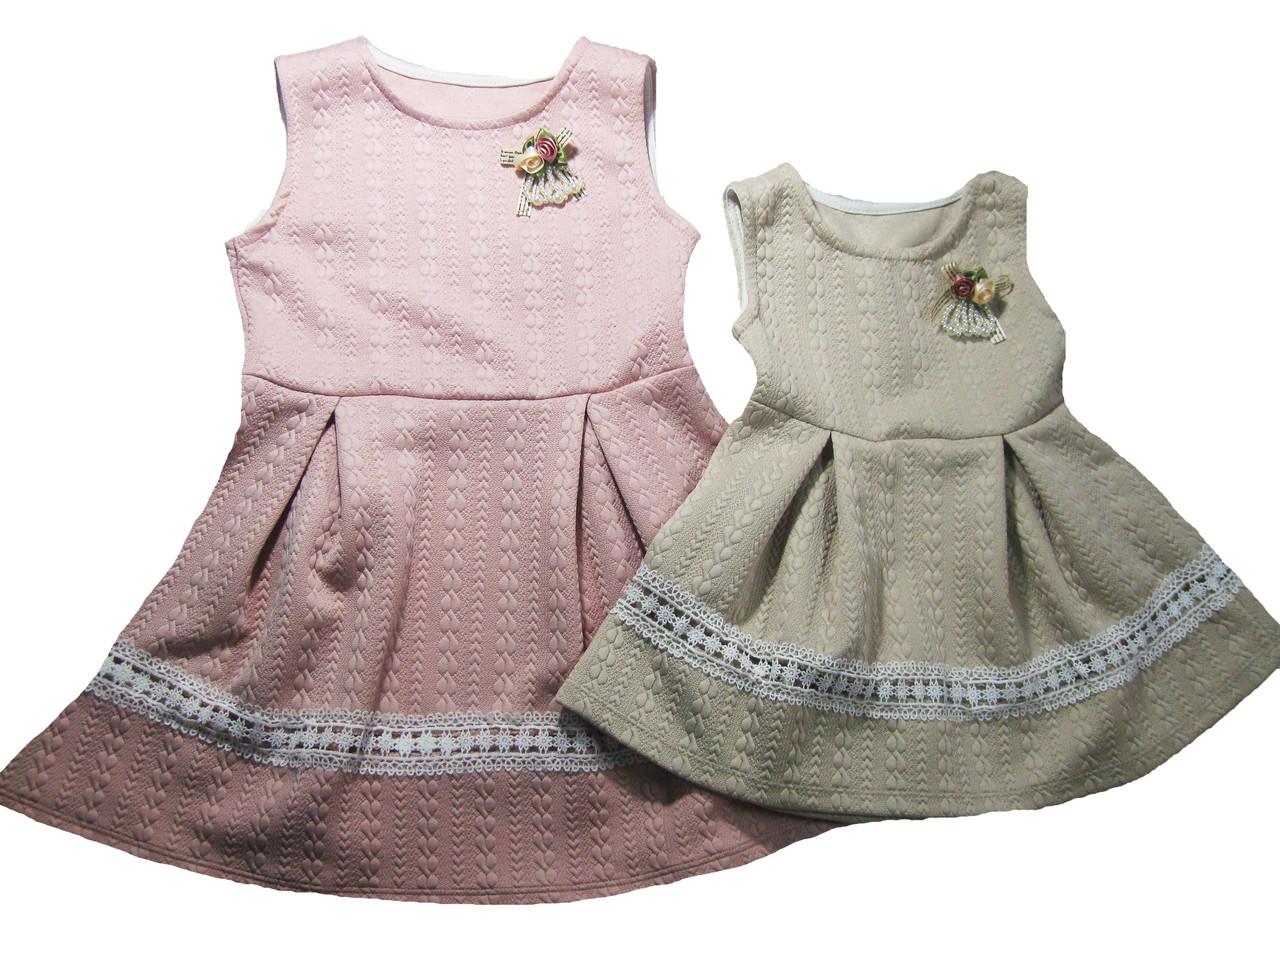 Платье нарядное  для девочек, размеры 2,10.12 лет, арт. 0114